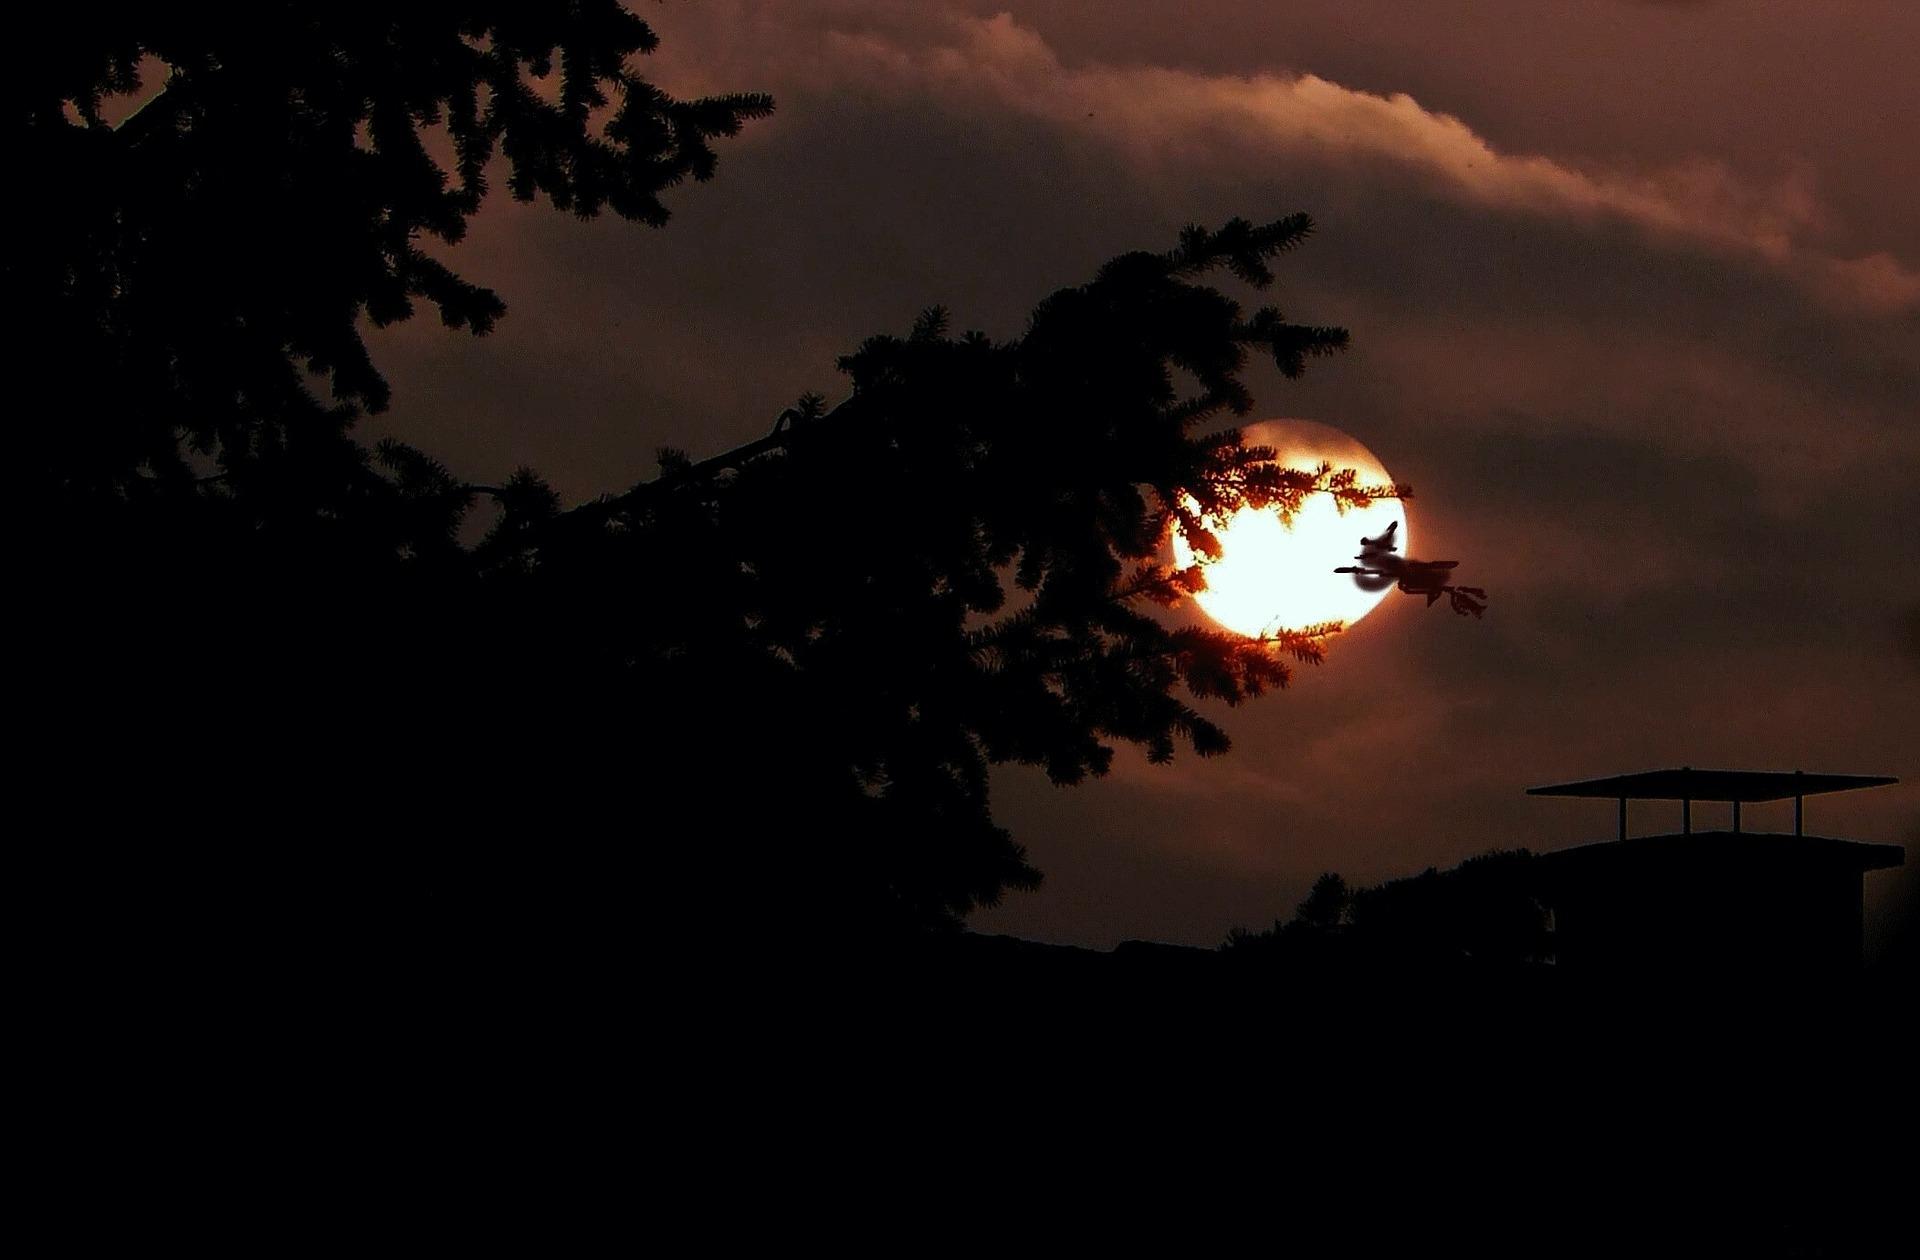 Noita kuutamossa. Pixabay.